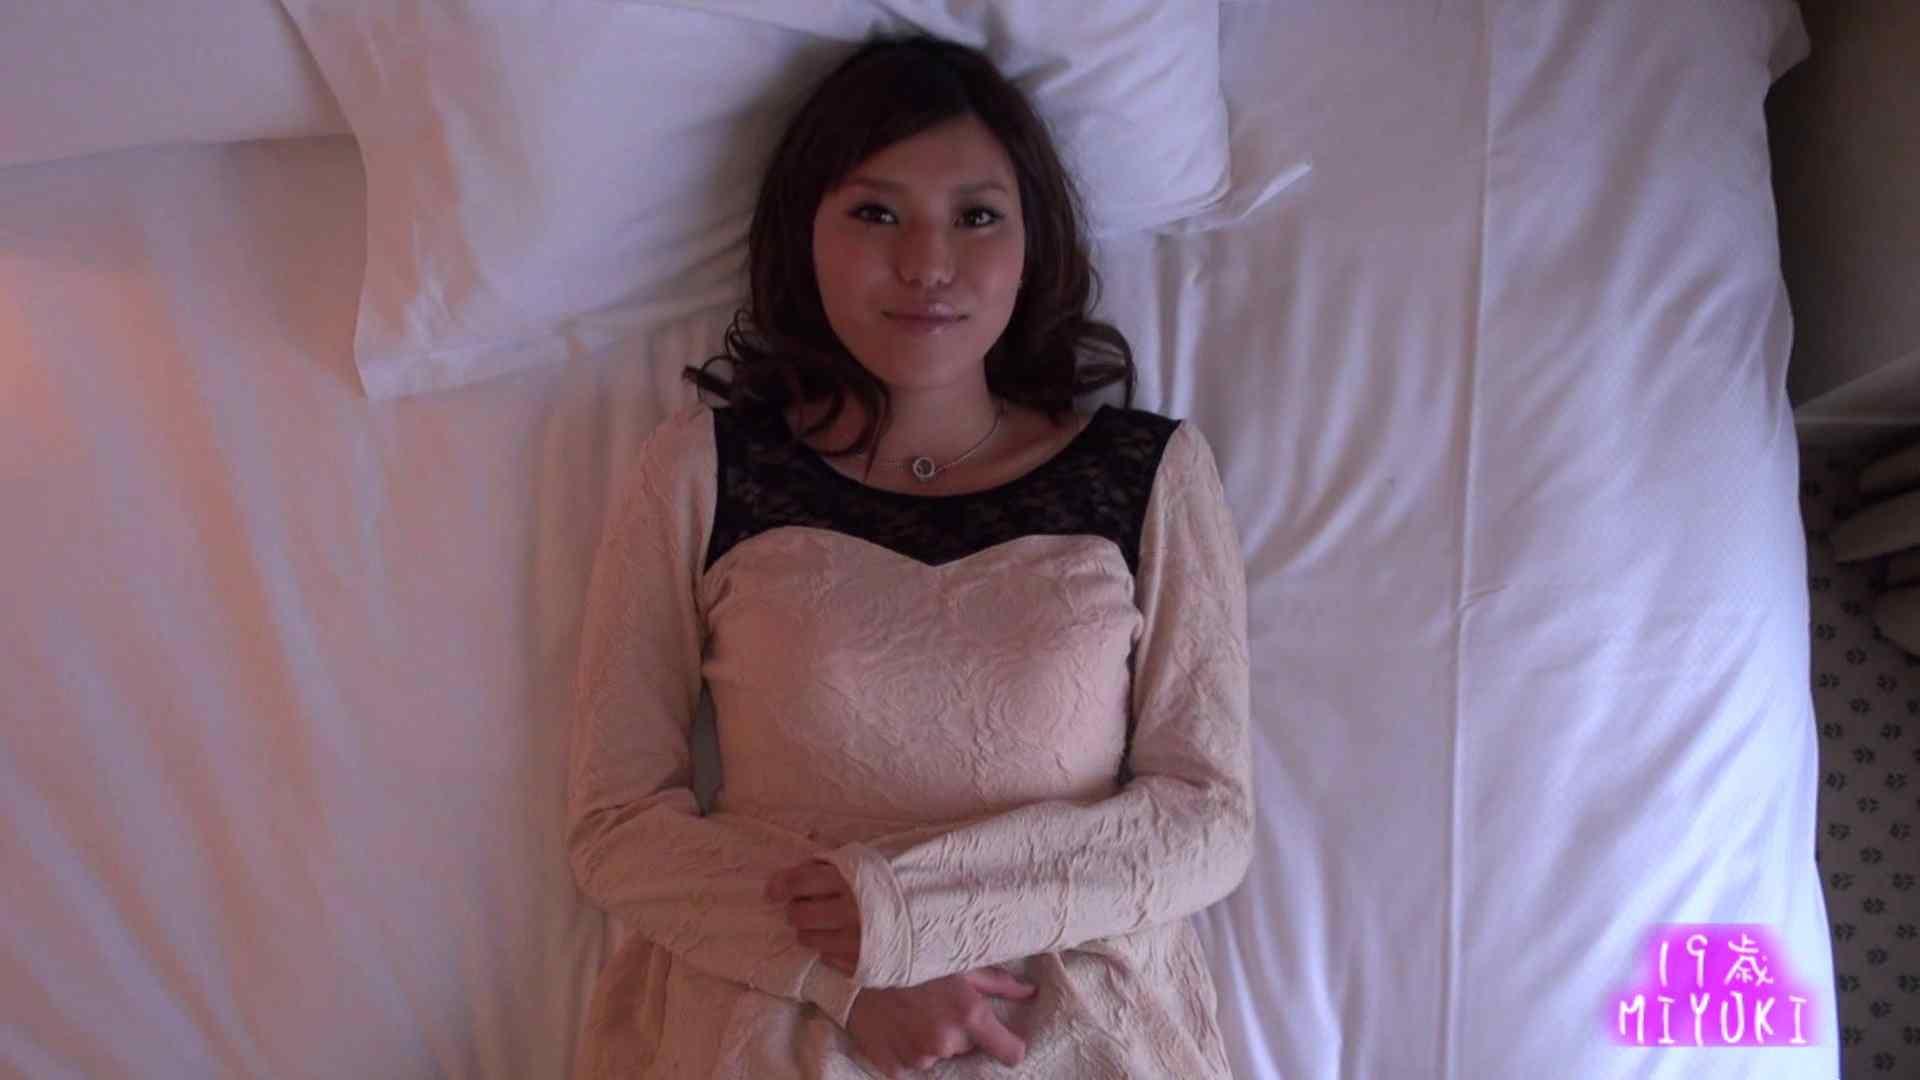 カメラテストを兼ねて、MIYUKIちゃんのイメージ撮影 素人流出  105PIX 52